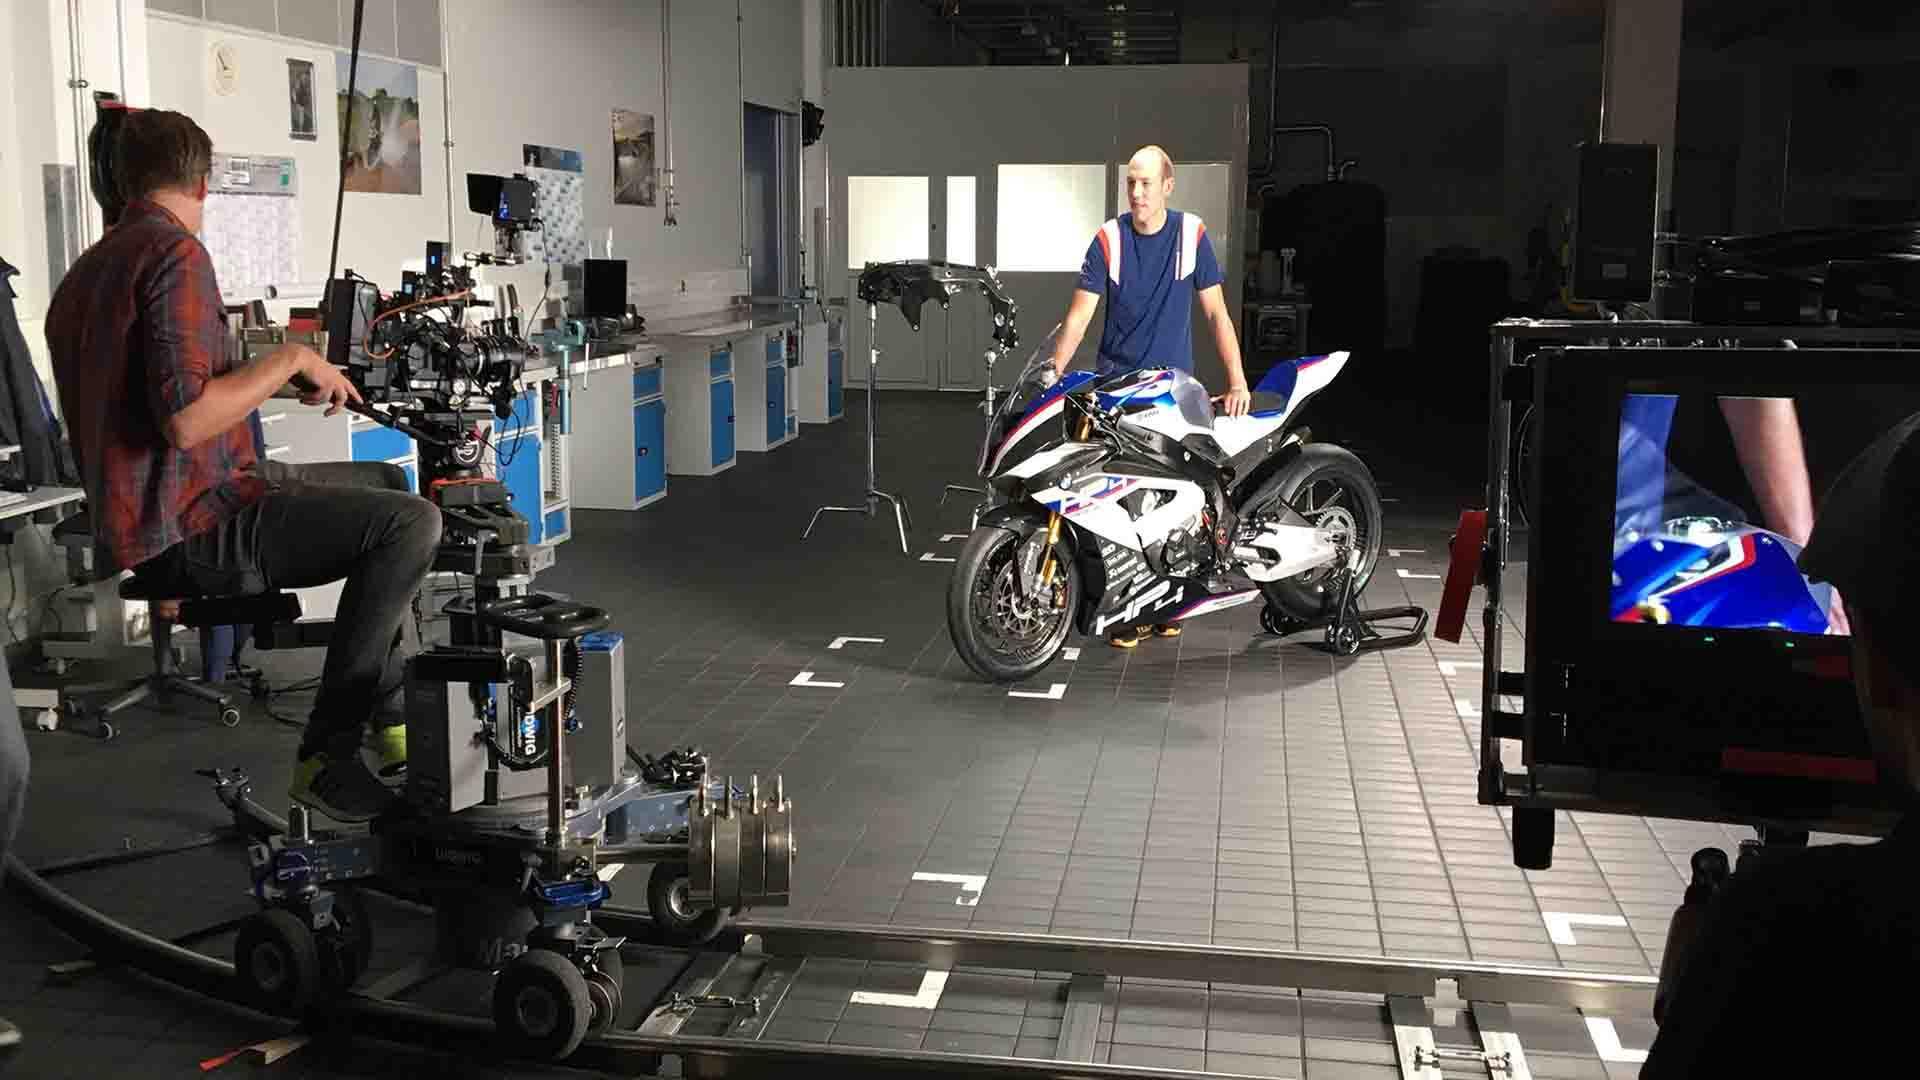 Das Bild zeigt einen Mann, der mit einem Motorrad in der Mitte einer Werkstatt steht. Vor ihm steht ein Mann mit einer Kamera. Er sitzt auf einem Stuhl und filmt den Mann mit dem Motorrad. Auf der rechten Seite des Bildes ist ein Monitor zu sehen. Dieser gibt das eingefangen Bild der Kamera wieder. Das Bild dient als Sliderbild für den Portfolioeintrag BMW Motorrad HP4 Race In the Spotlight von Panda Pictures.